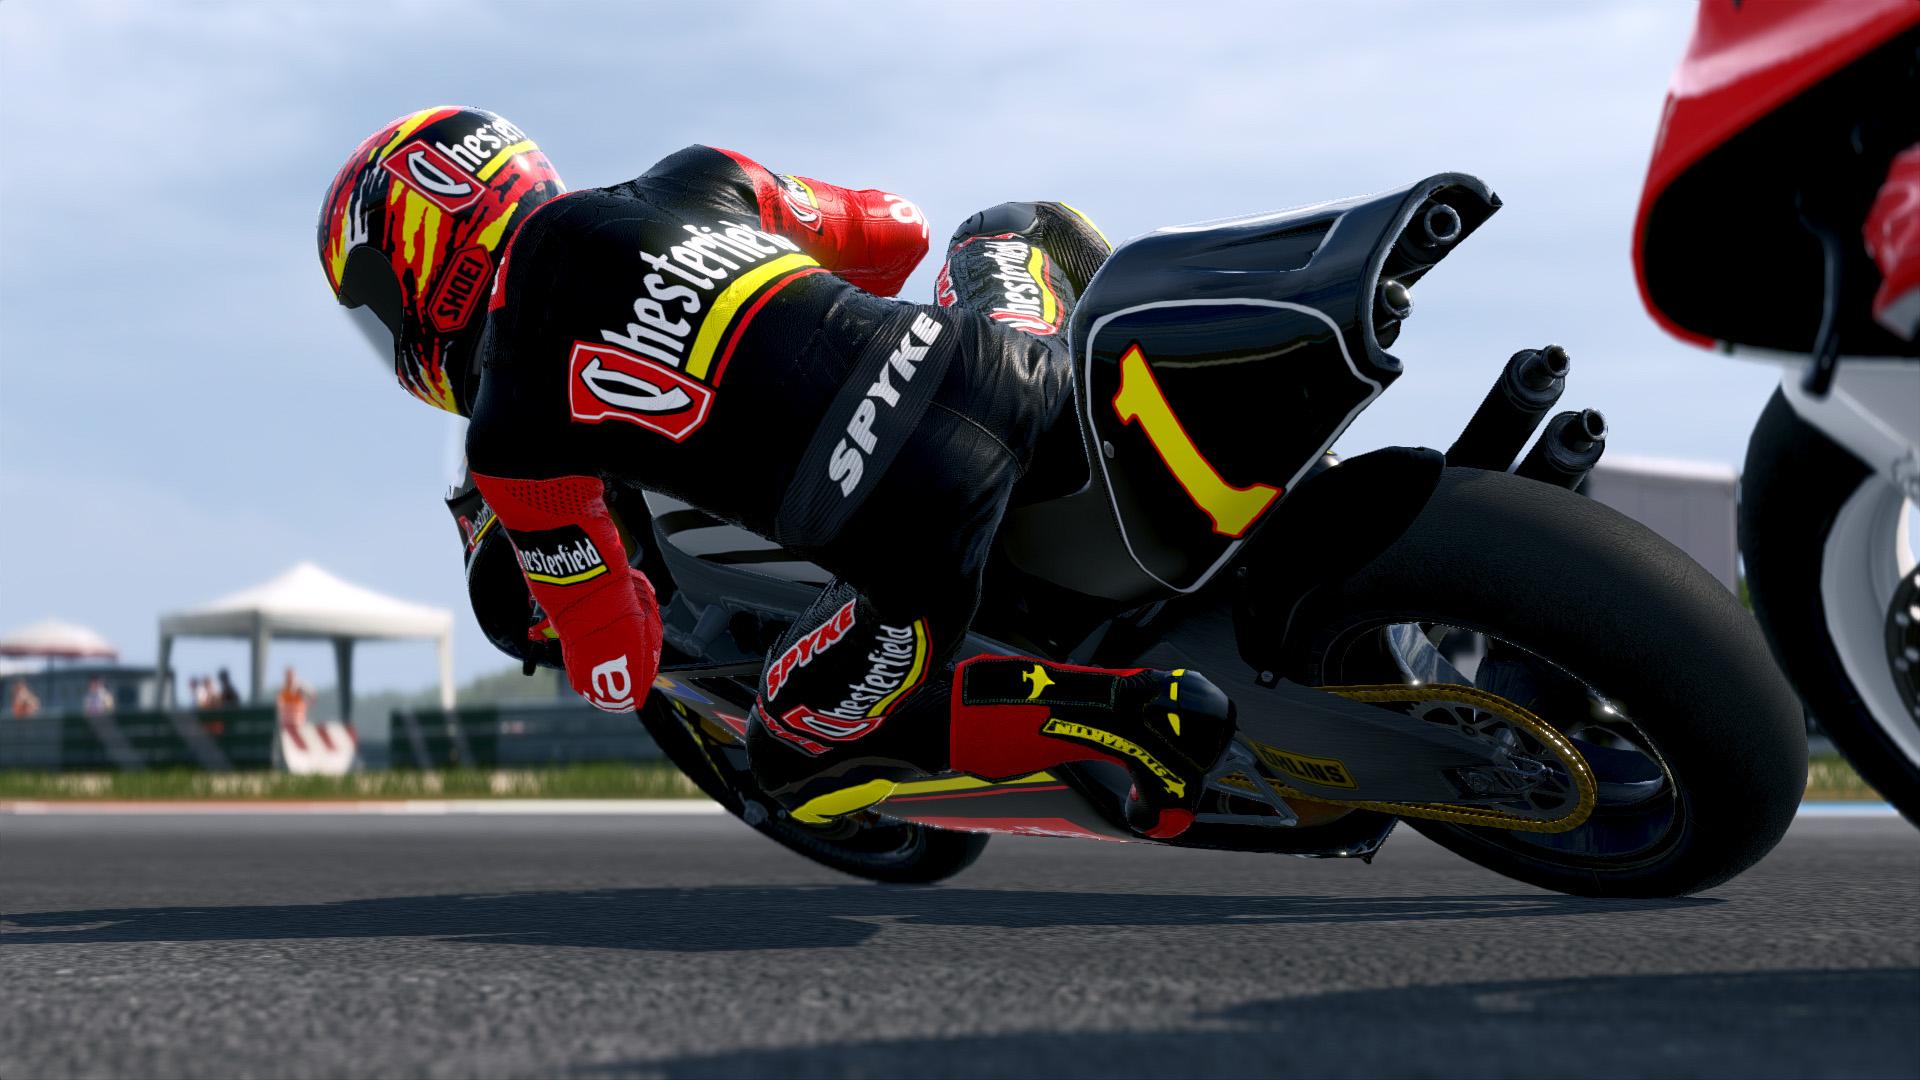 MotoGP14X64.exe_DX11_20140726_133116.jpg